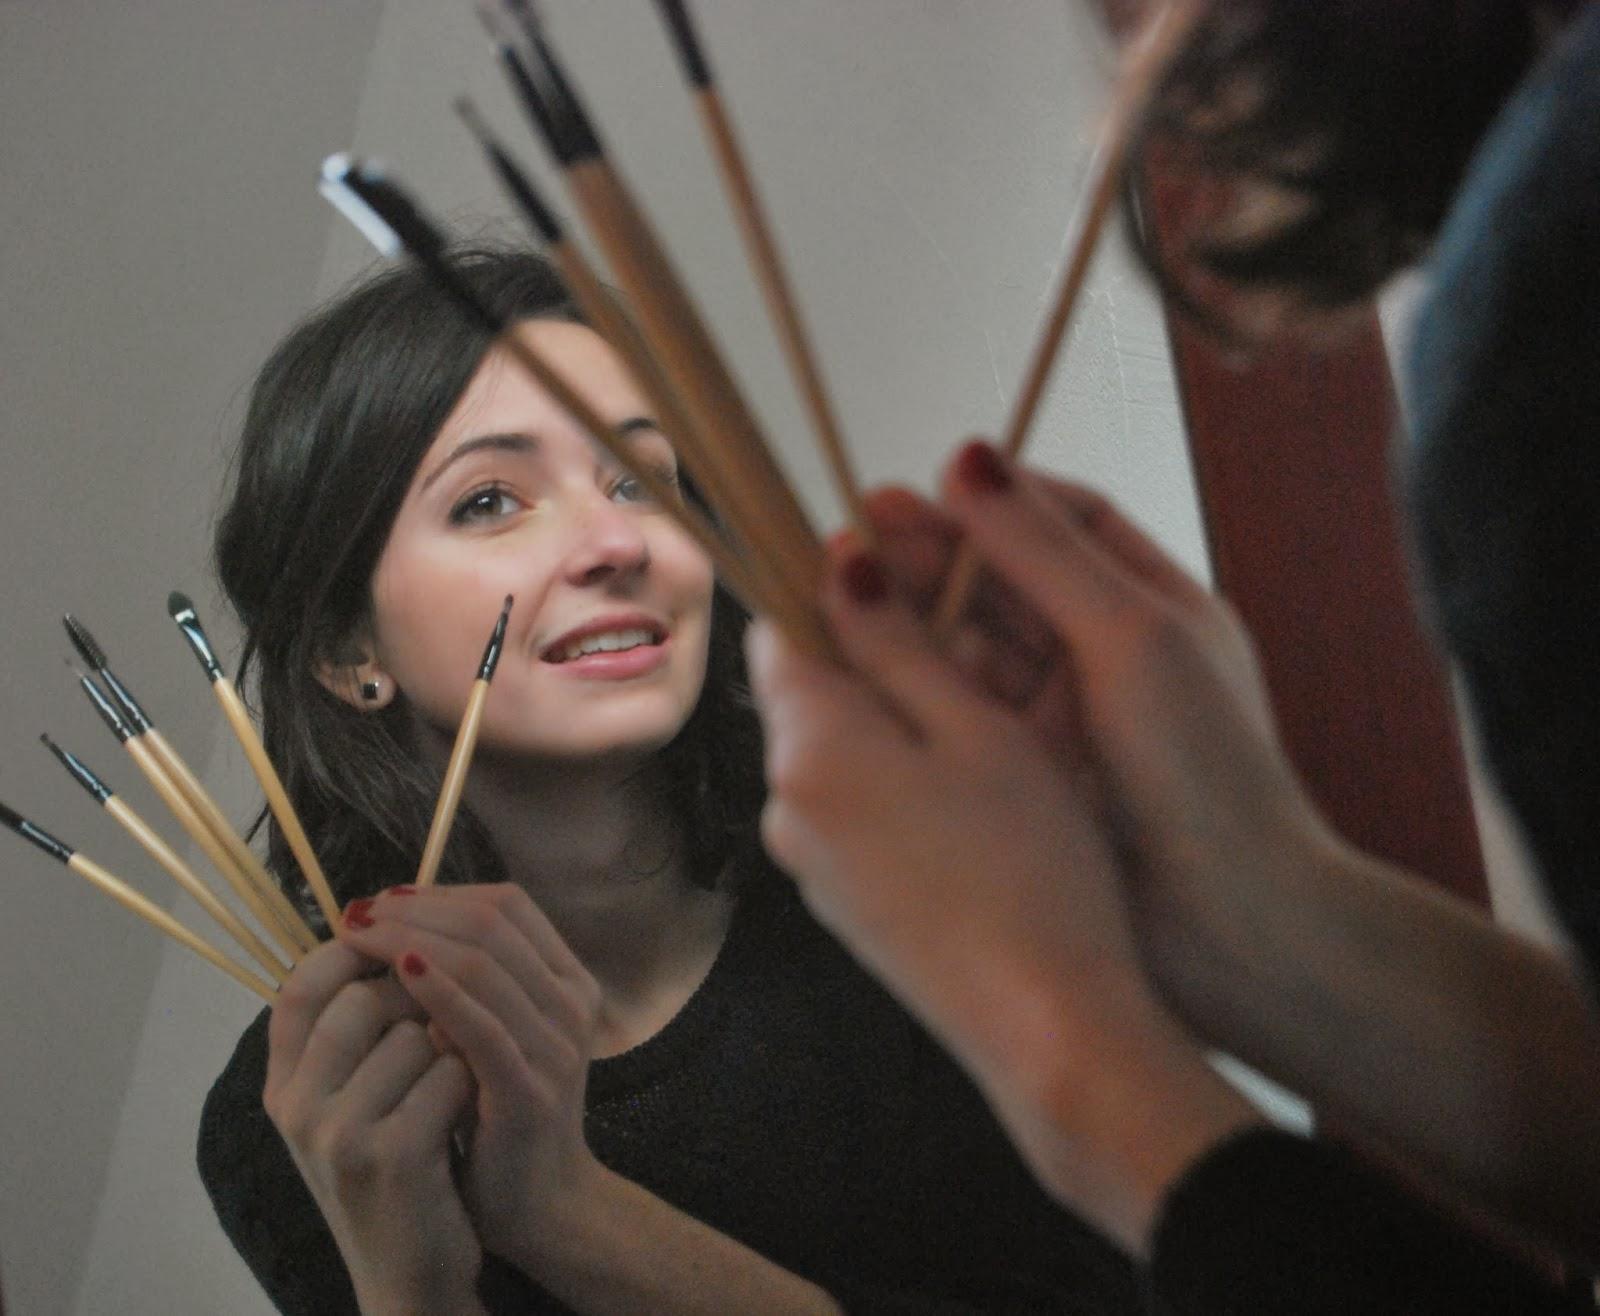 Les chroniques de clem 39 pinceaux maquillage mode d 39 emploi 2 - Pinceaux maquillage utilisation ...